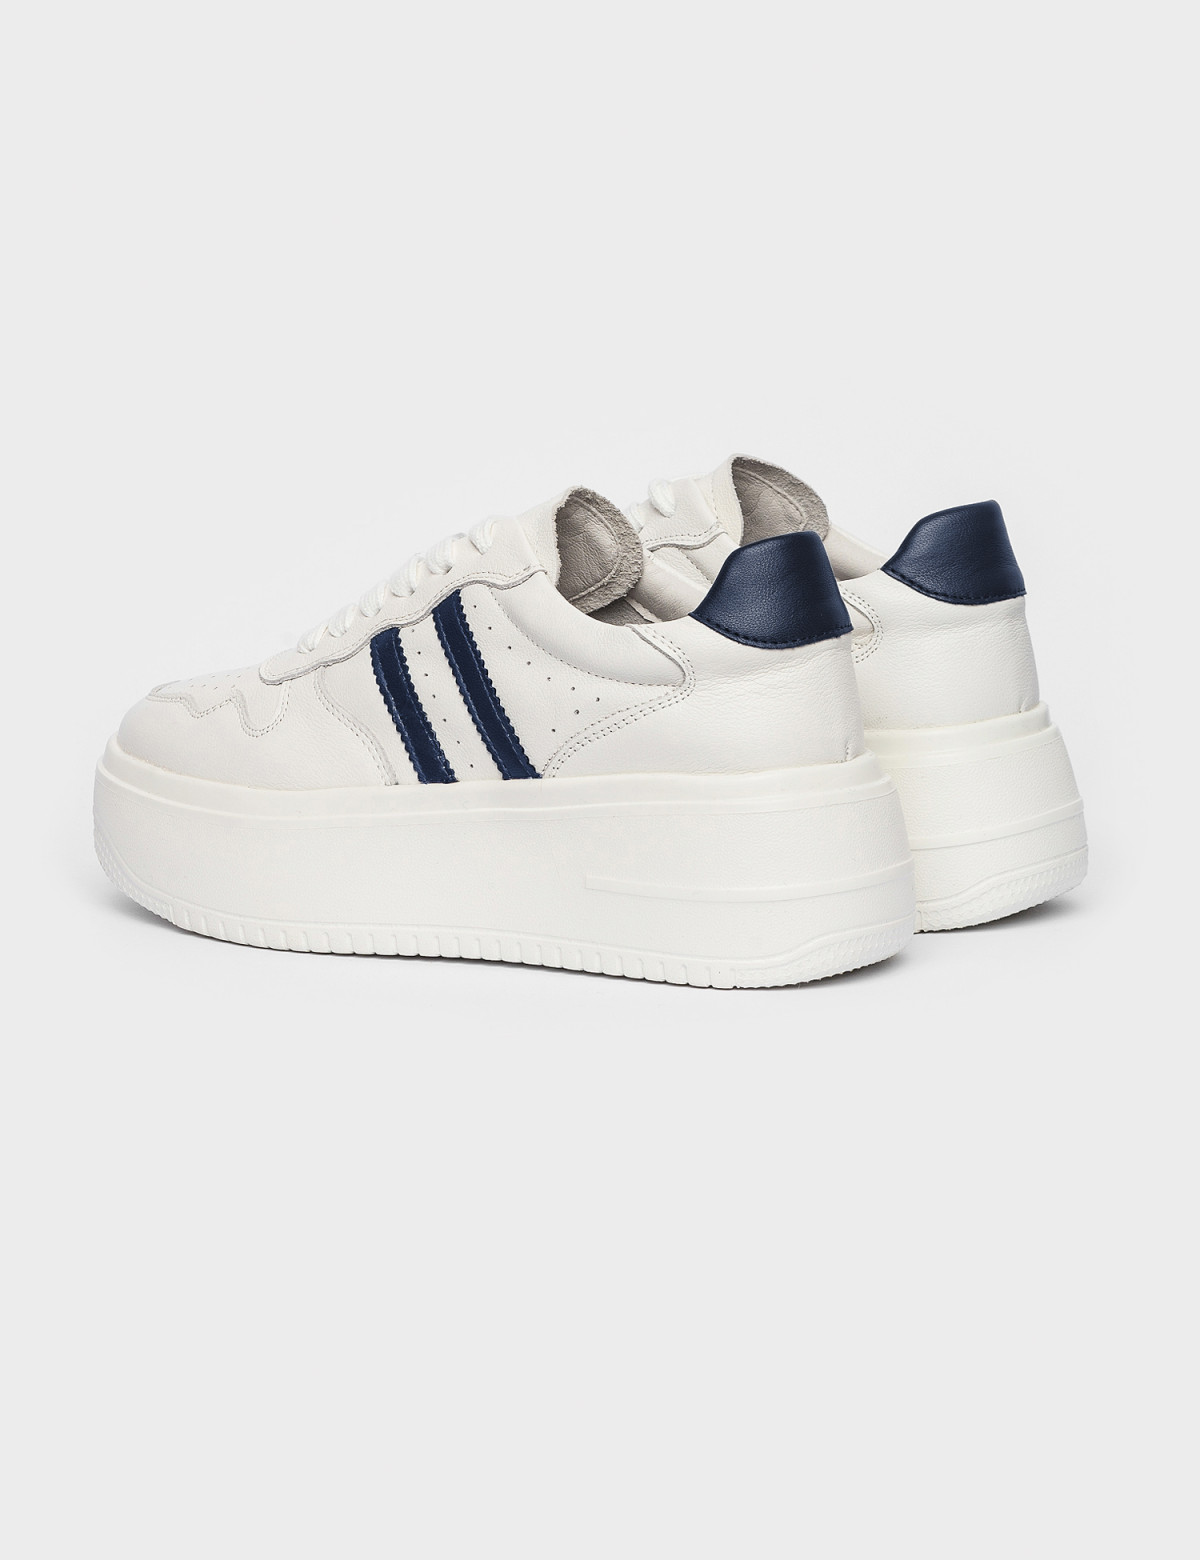 Кросівки білі/сині. Натуральна шкіра2